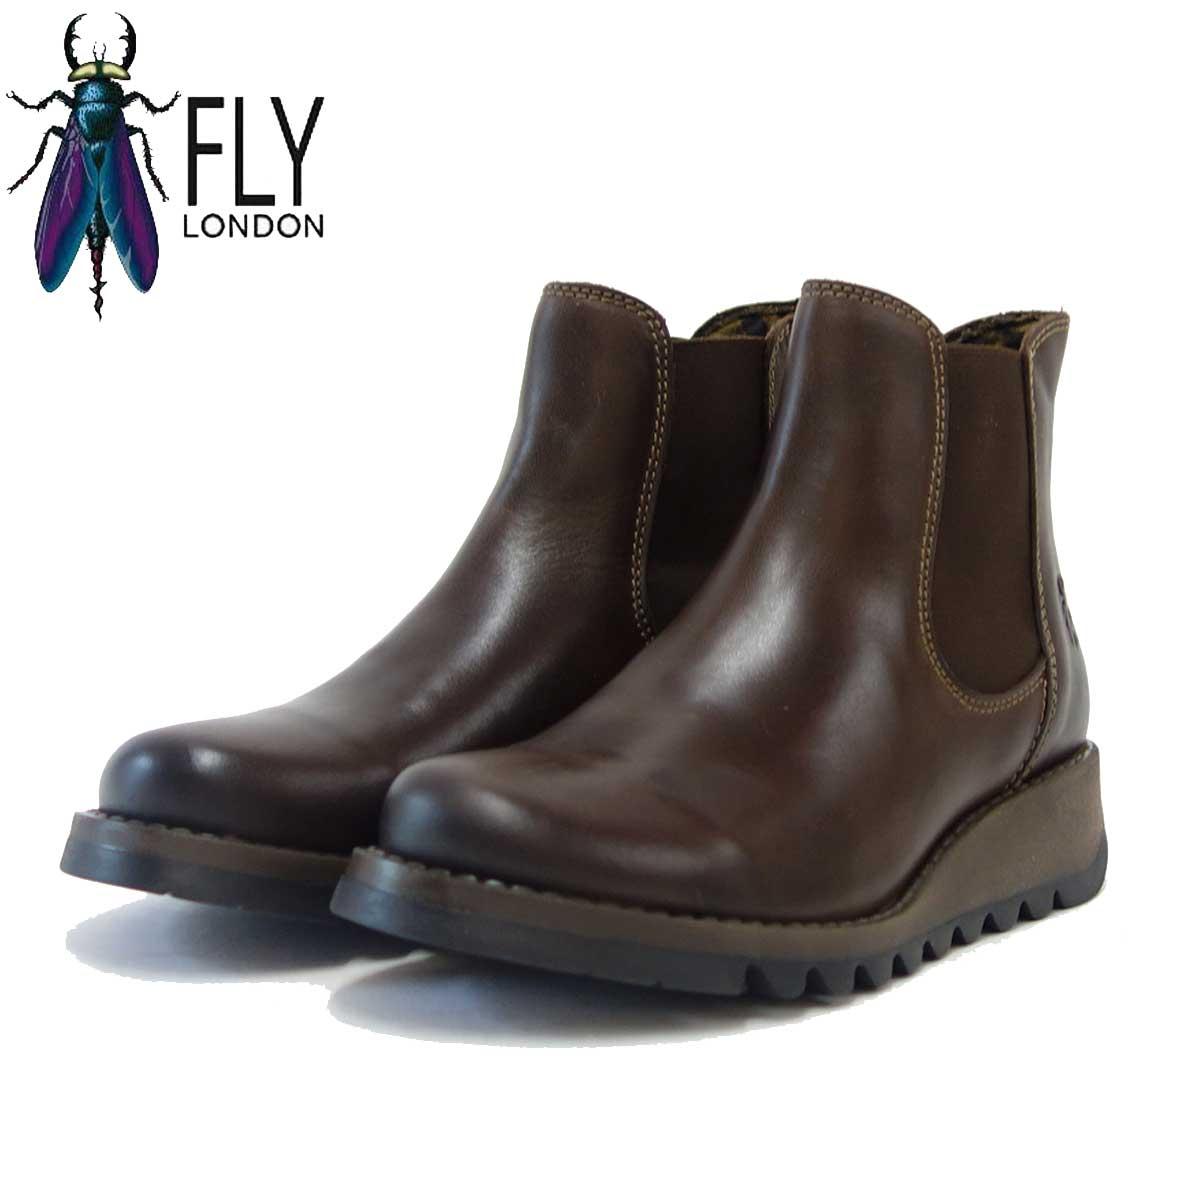 フライロンドン FLY LONDON SALV 143195 ダークブラウン 「靴」